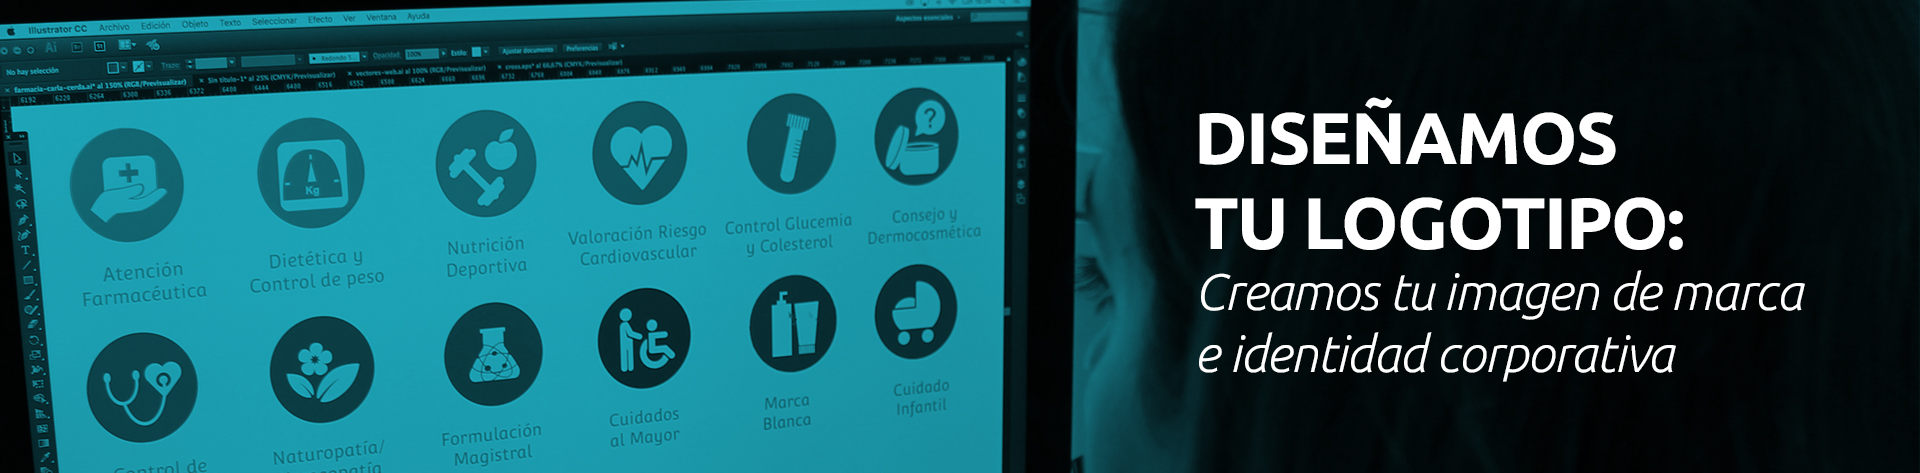 diseño-logotipo-valencia-marca-identidad-corporativa-agencia-1